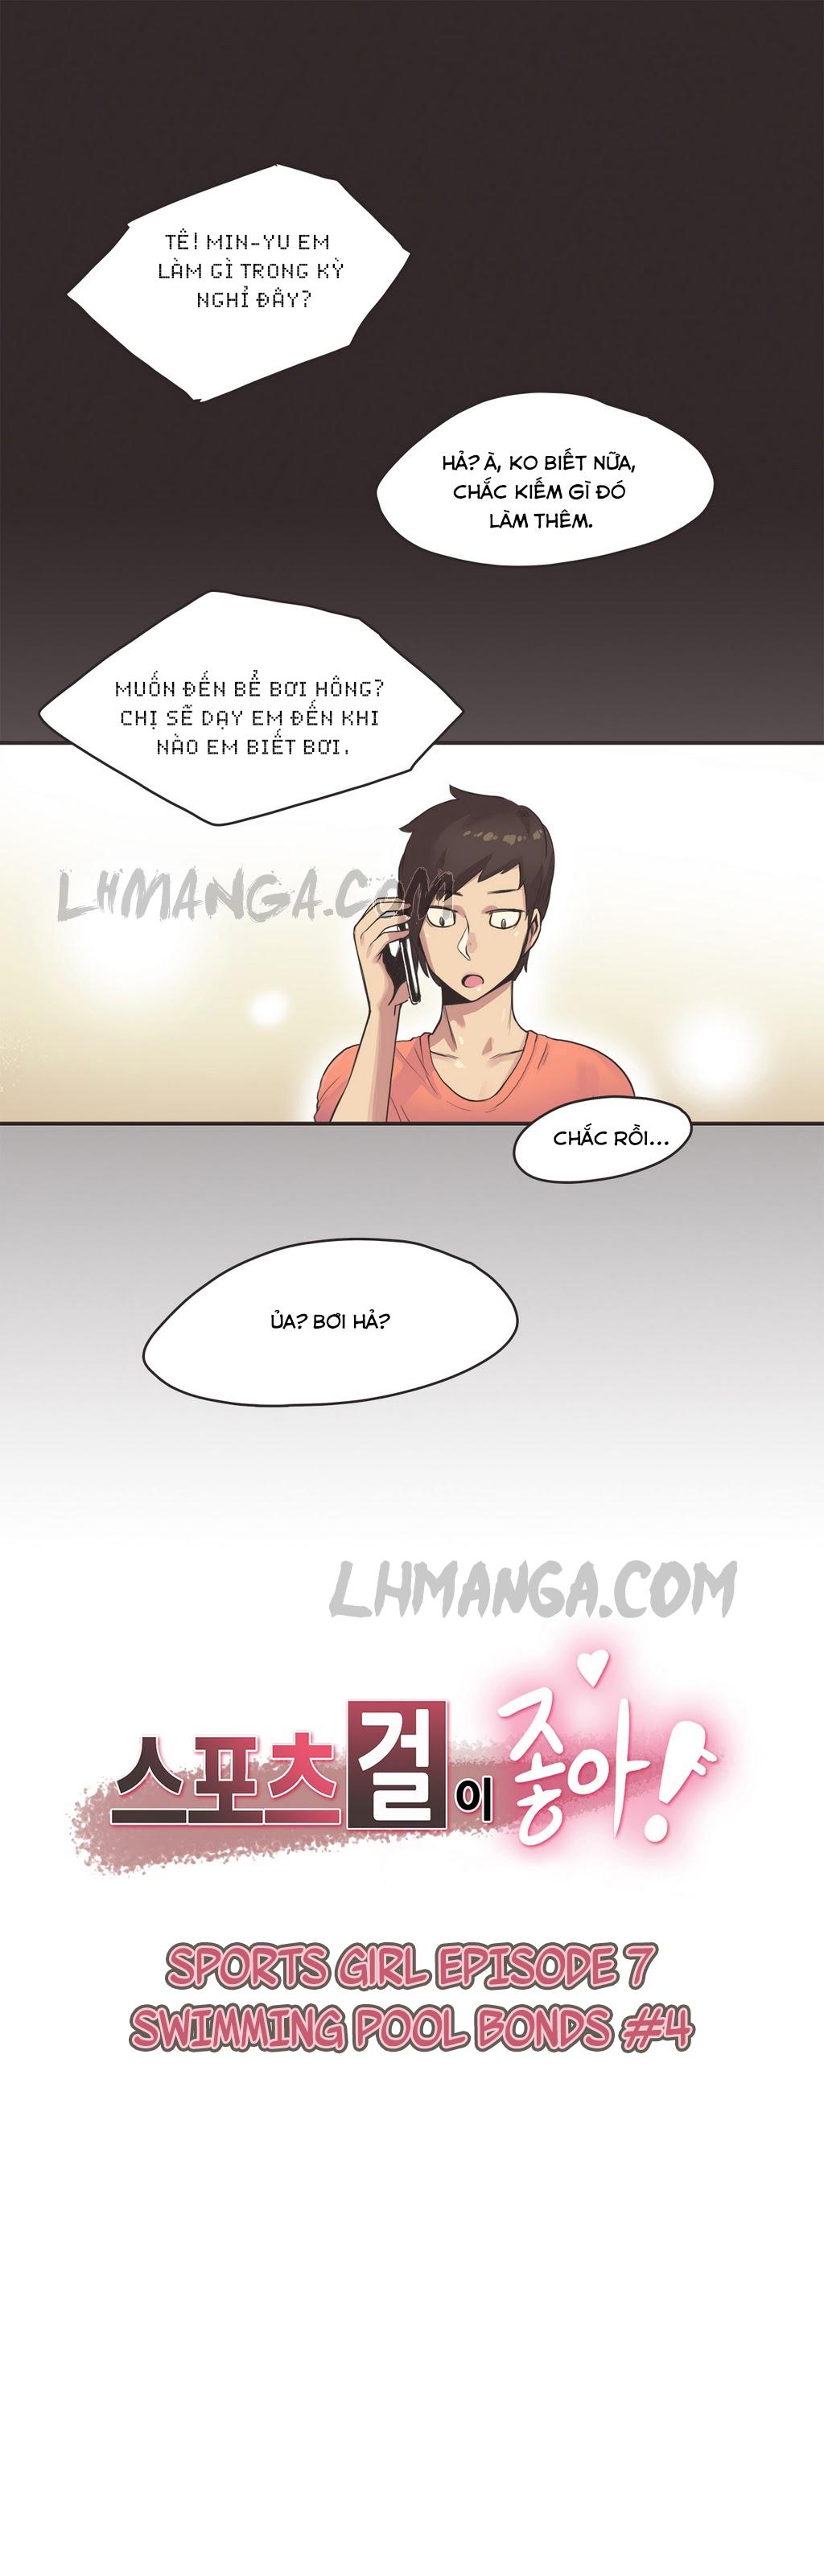 Hình ảnh HINH_00001 in Sports Girl - Gái Thể Thao